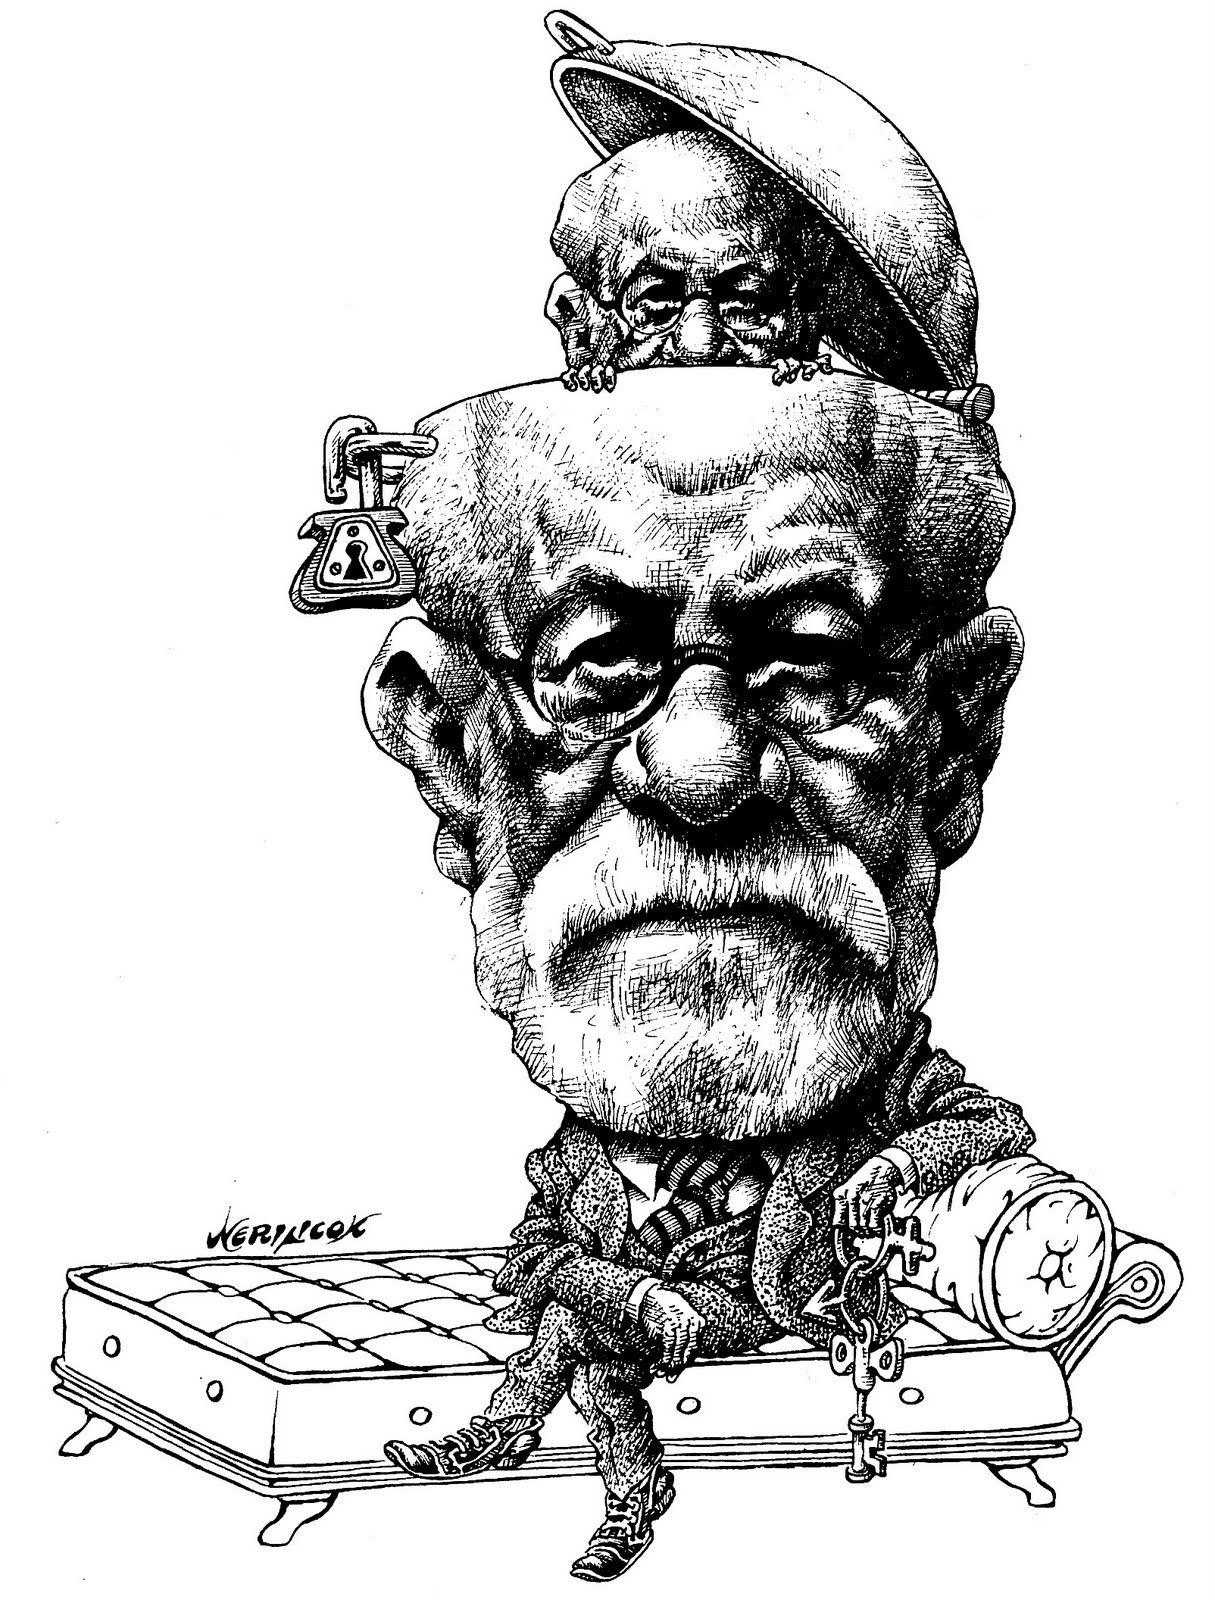 caricatura-de-sigmund-freud-2.JPG (1215×1600)